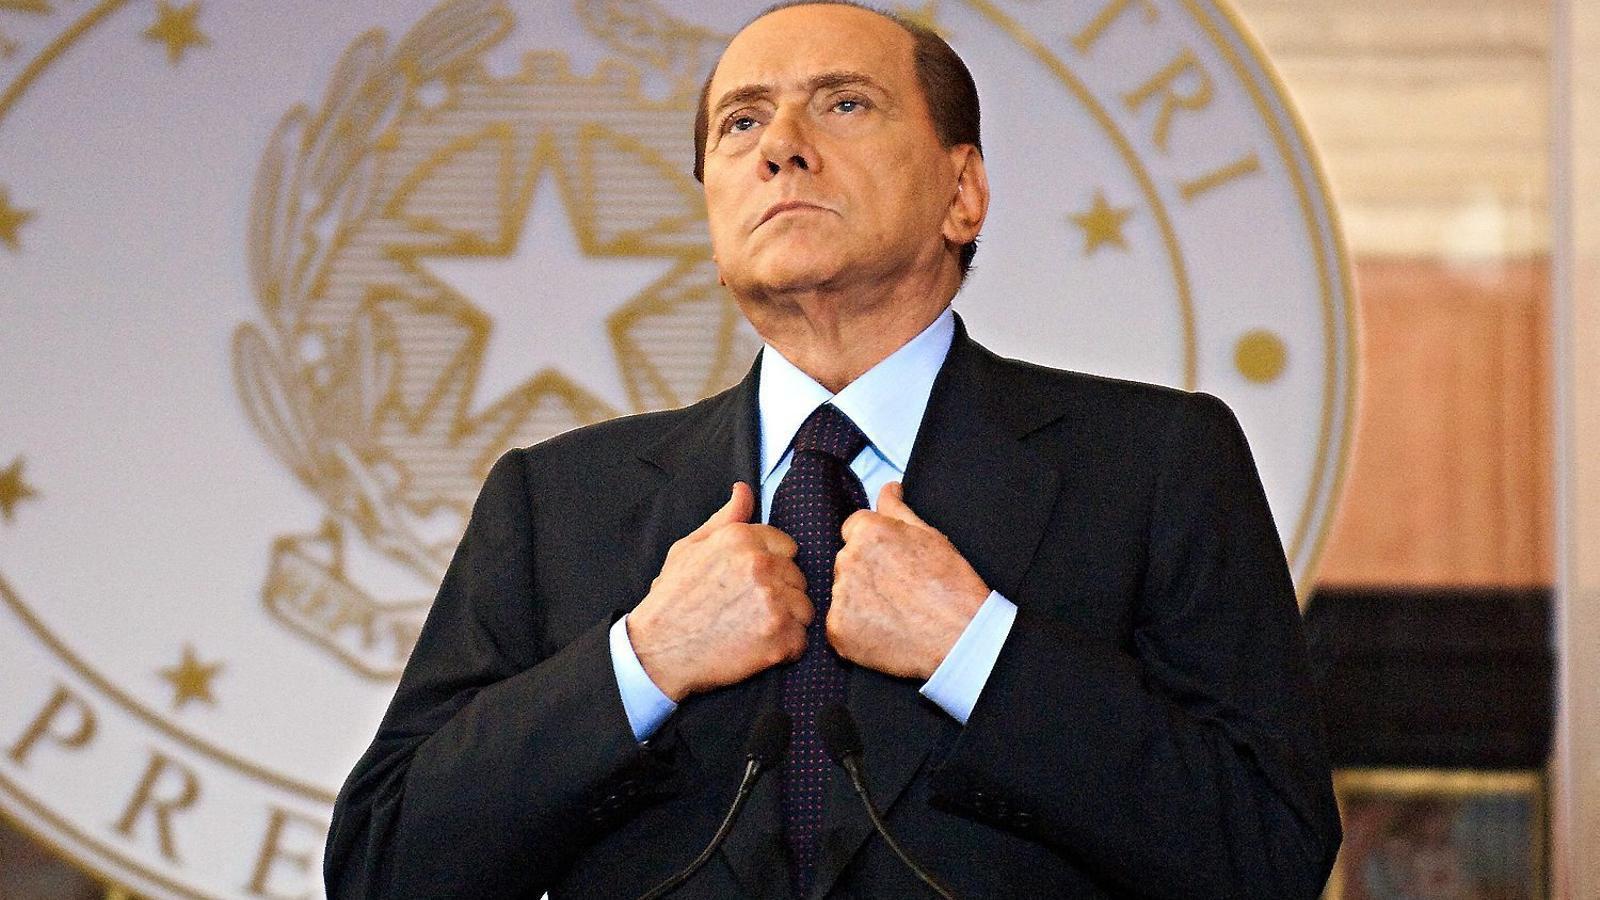 Les 10 frases més inoportunes de Silvio Berlusconi